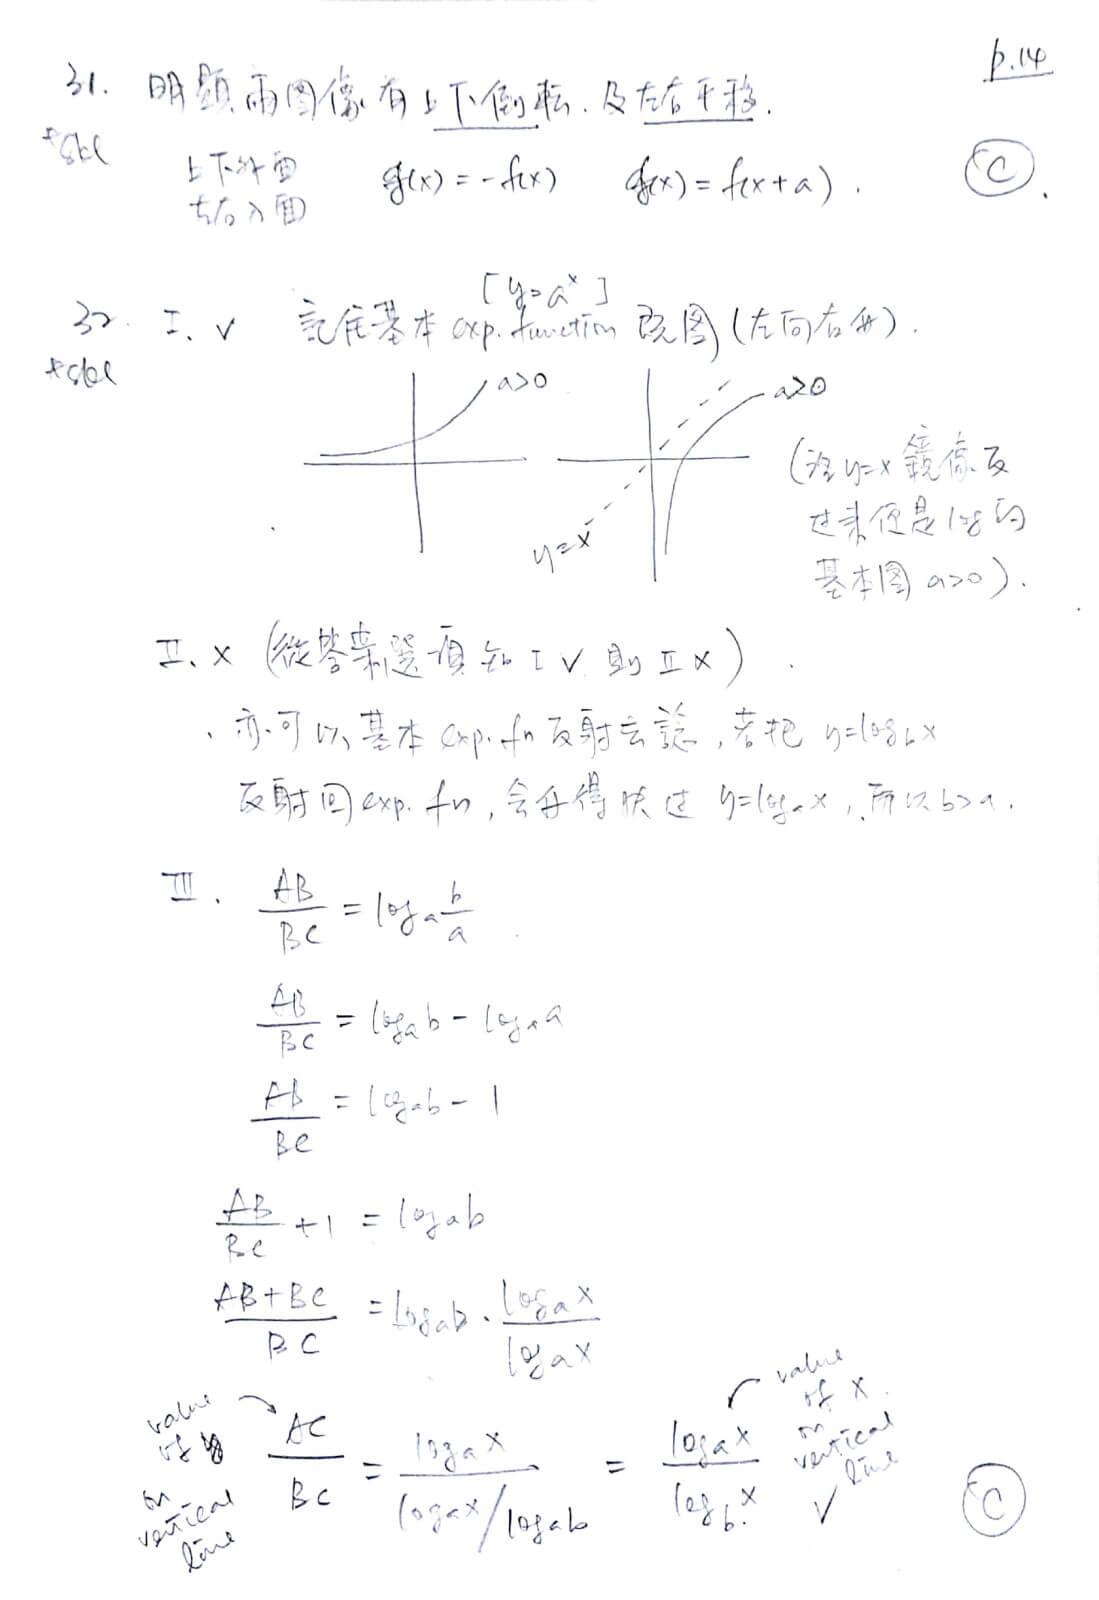 2018 DSE 數學卷二(MC) 詳細答案 Q31,32